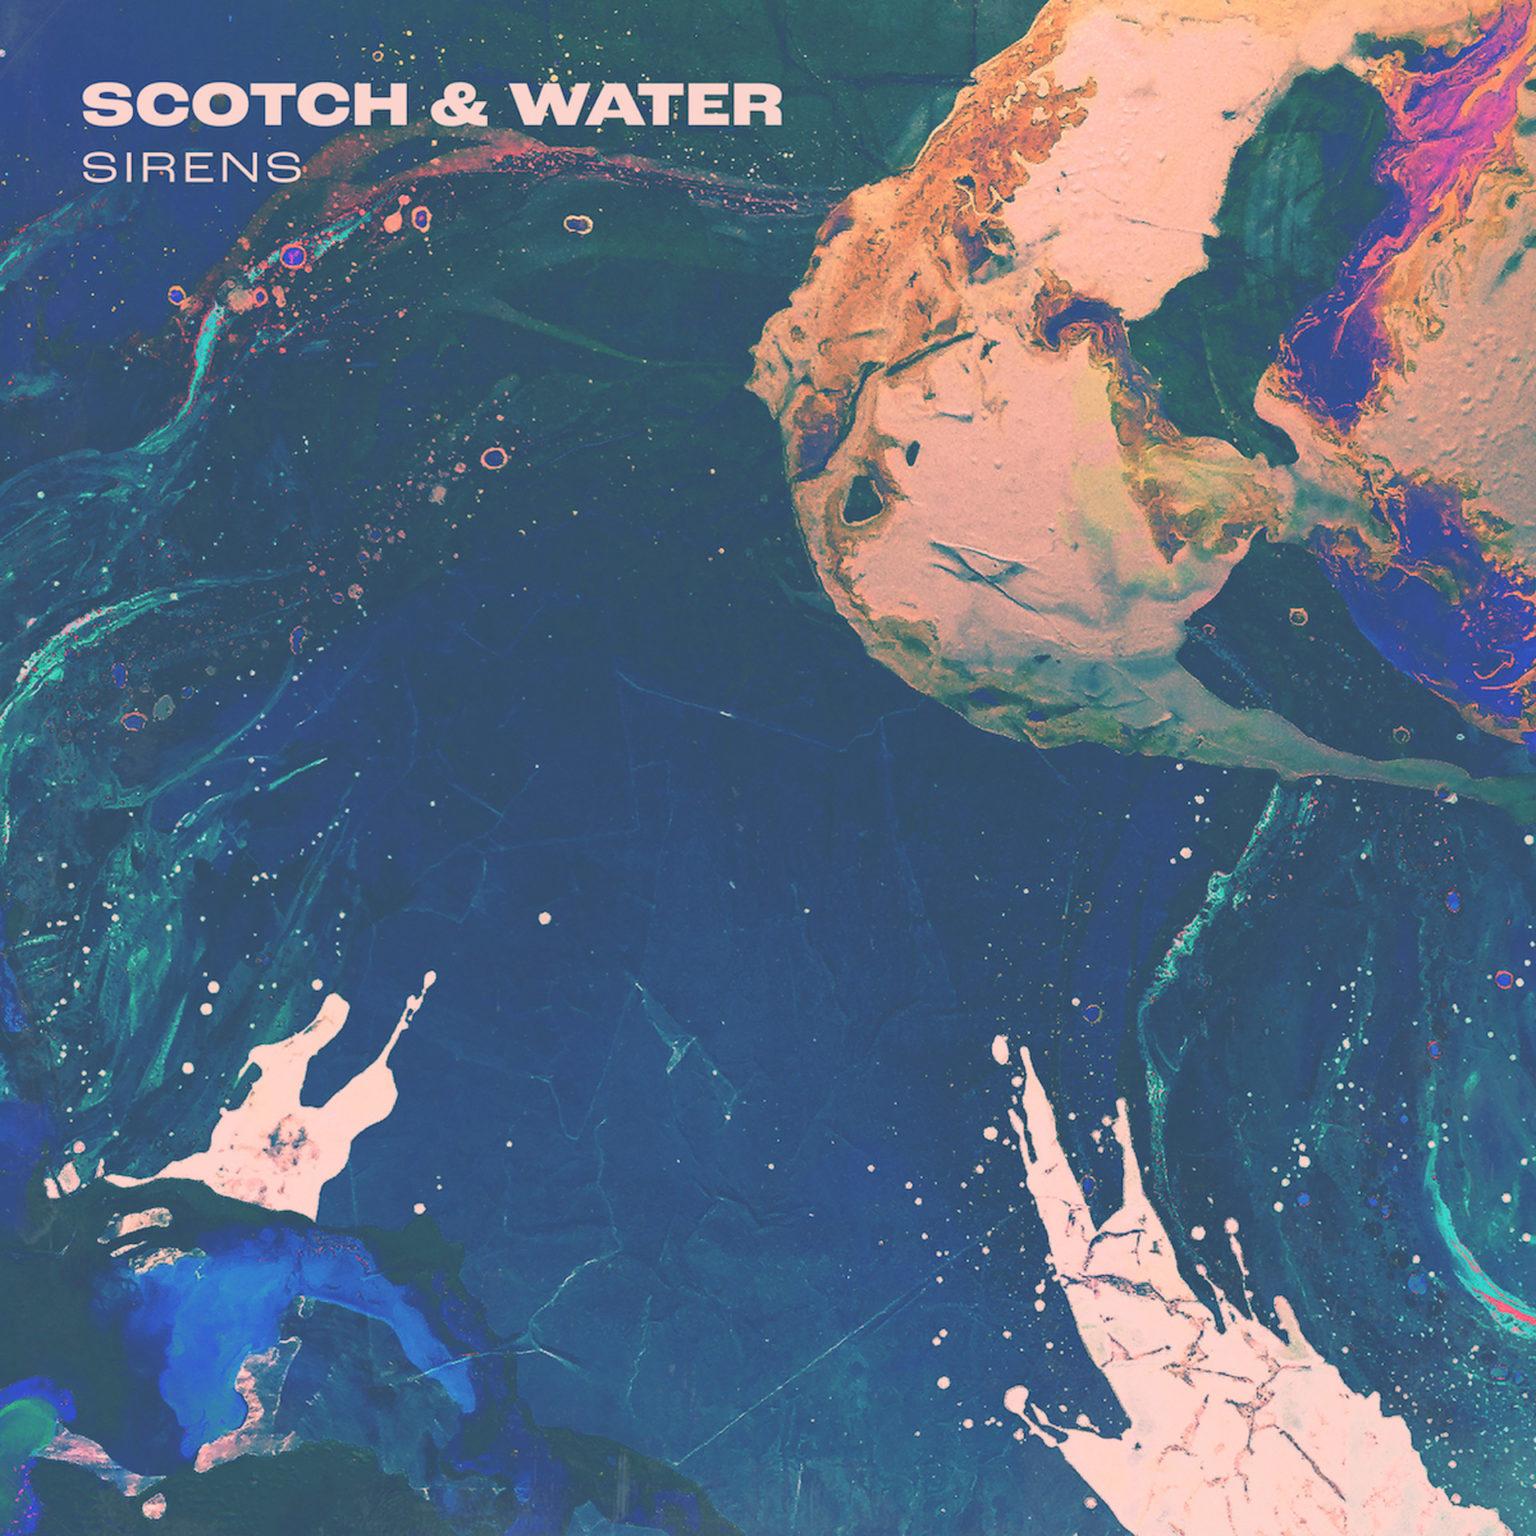 Scotch & Water - SIRENS - s'läuft! Radio-Promotion